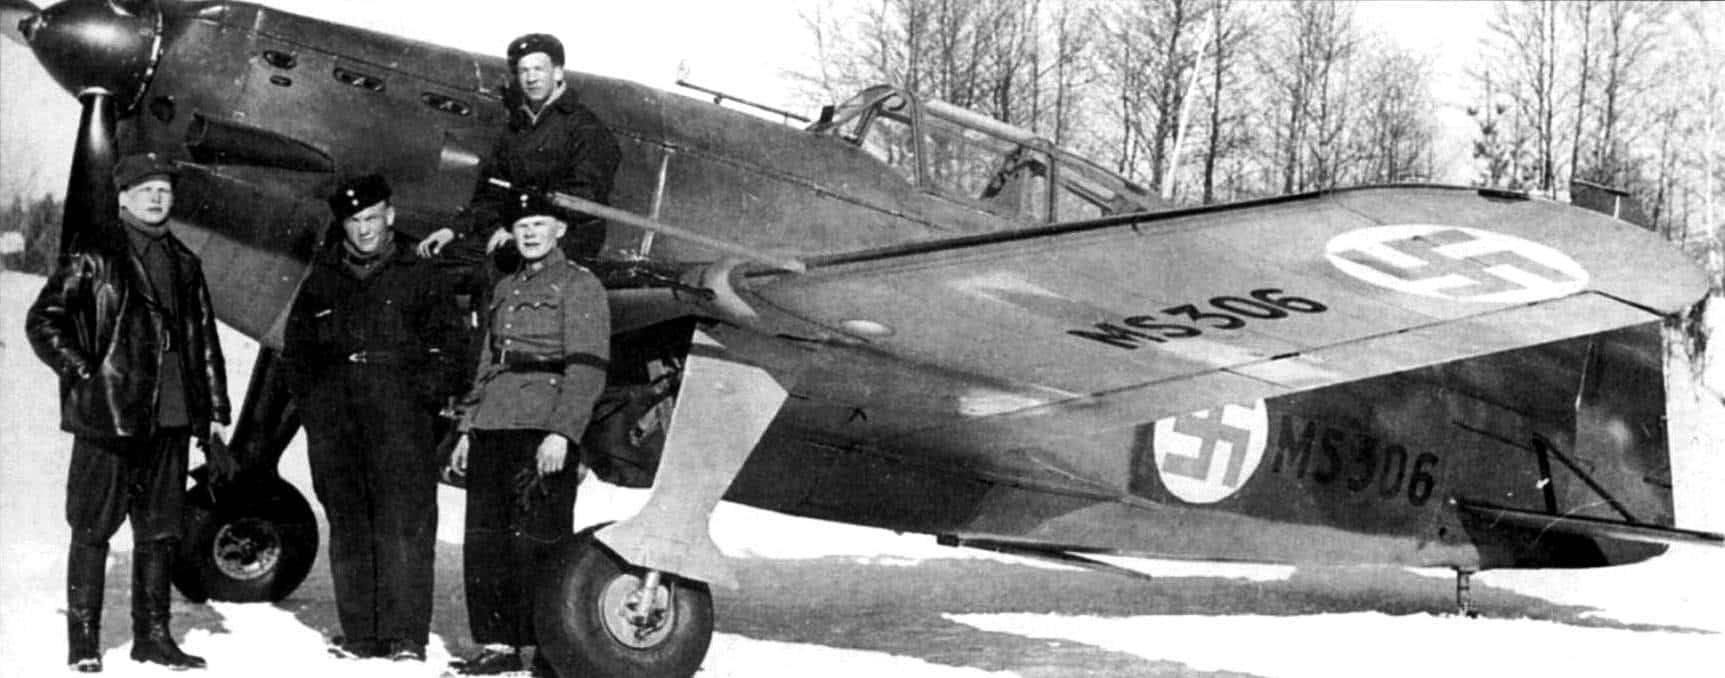 Германский Фоккер в ВВС Финляндии 1939г.